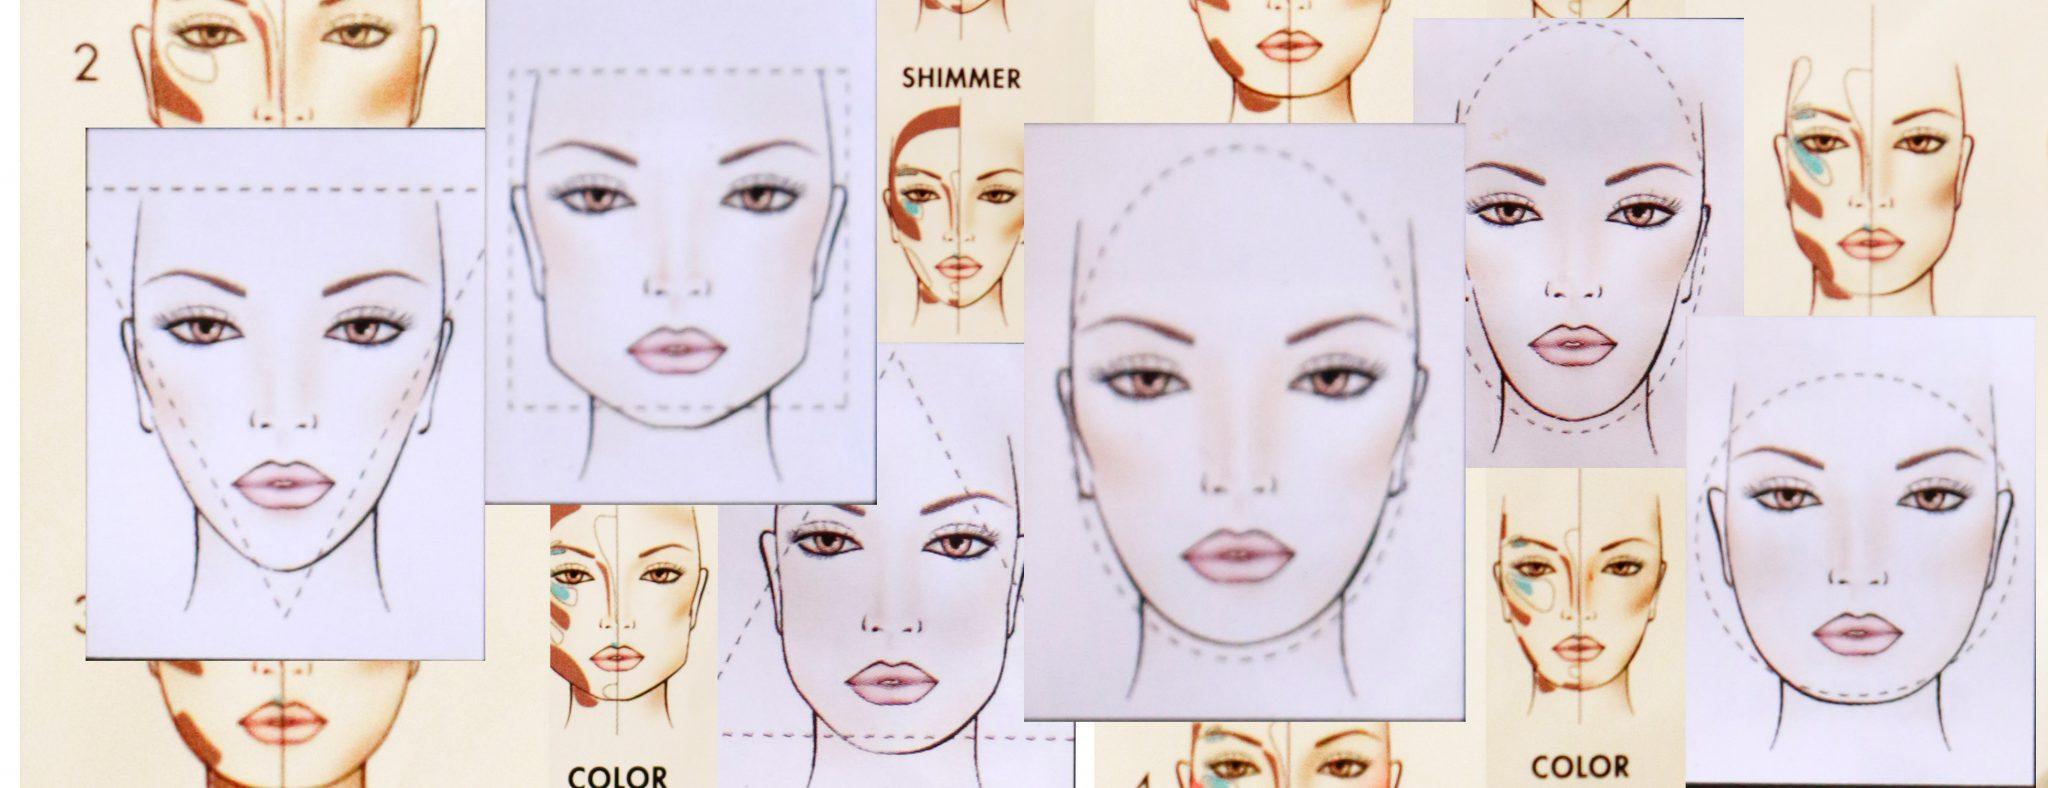 face morphology